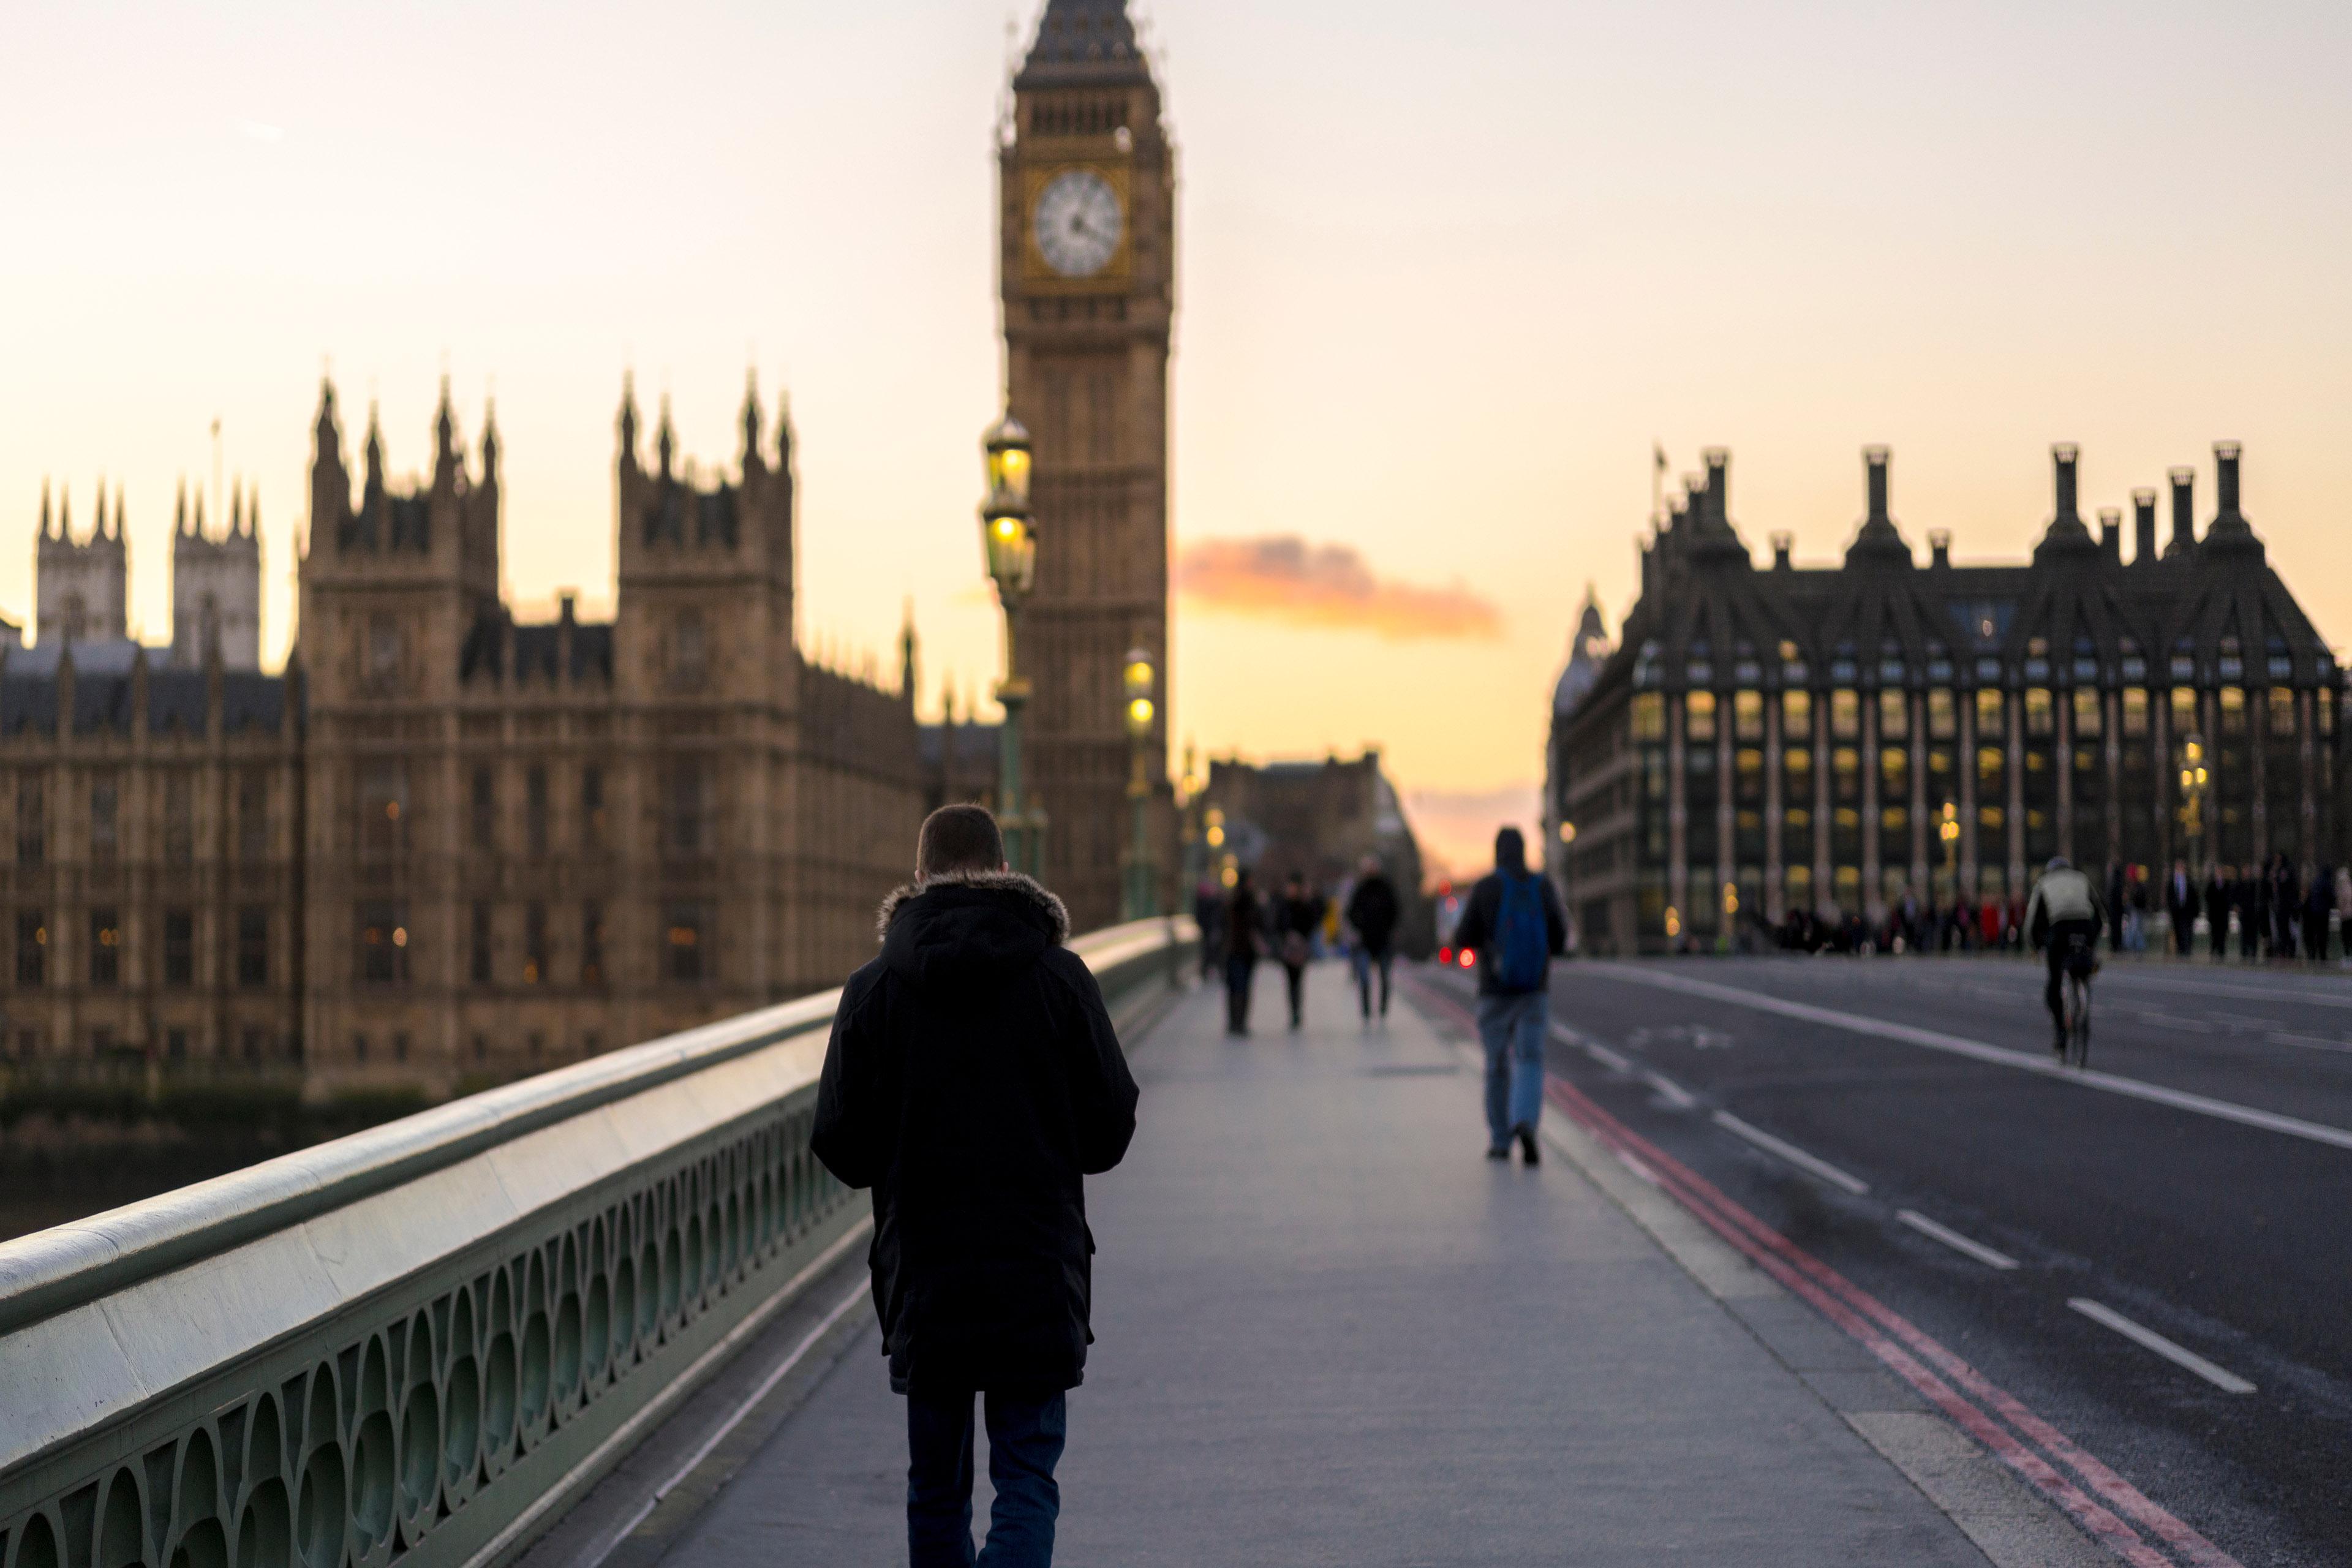 EY - Walkers on Westminster Bridge, London